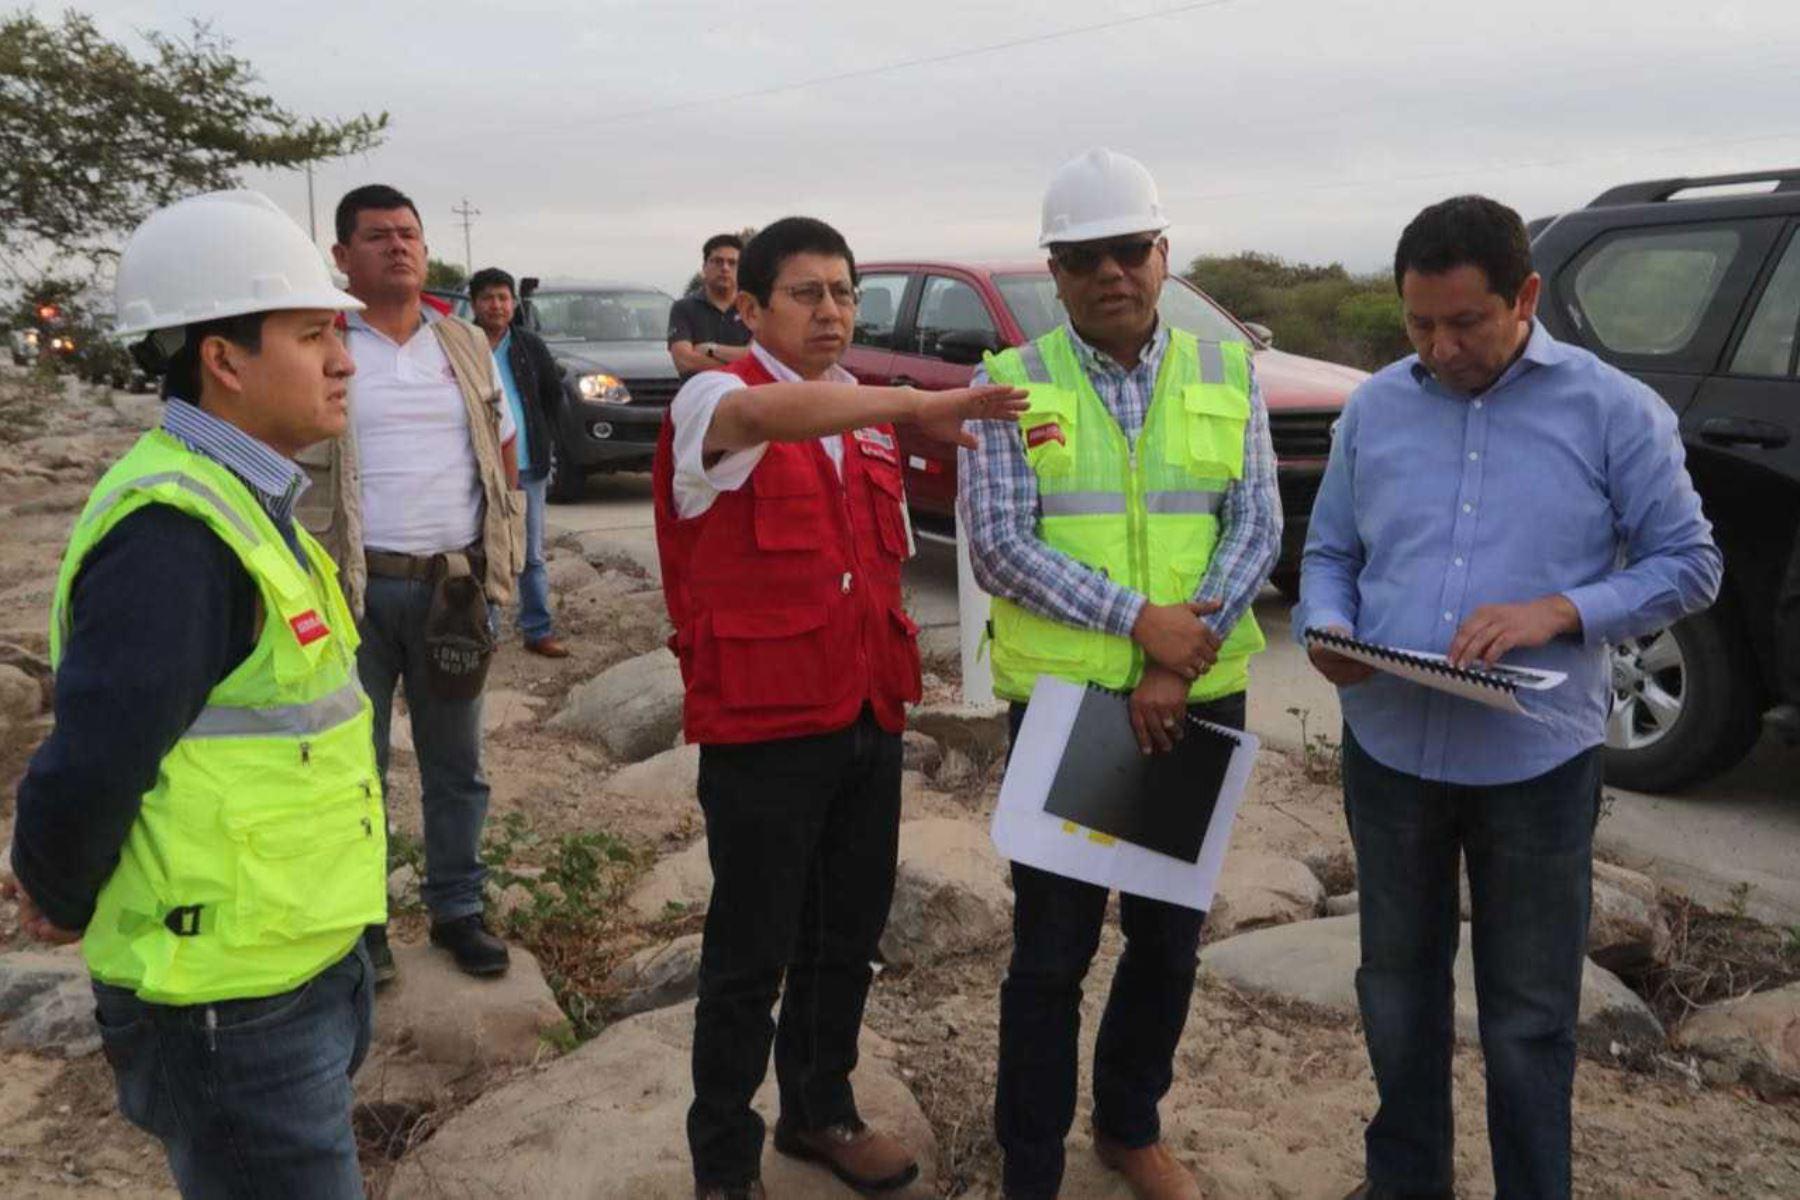 El ministro de Transportes y Comunicaciones, Edmer Trujillo, inició hoy en la ciudad de Piura un recorrido que durará dos días y que lo llevará hasta la ciudad de Cajamarca, en un trayecto de más de 590 kilómetros de carretera, a través de la IIRSA Norte y la Longitudinal de la Sierra.